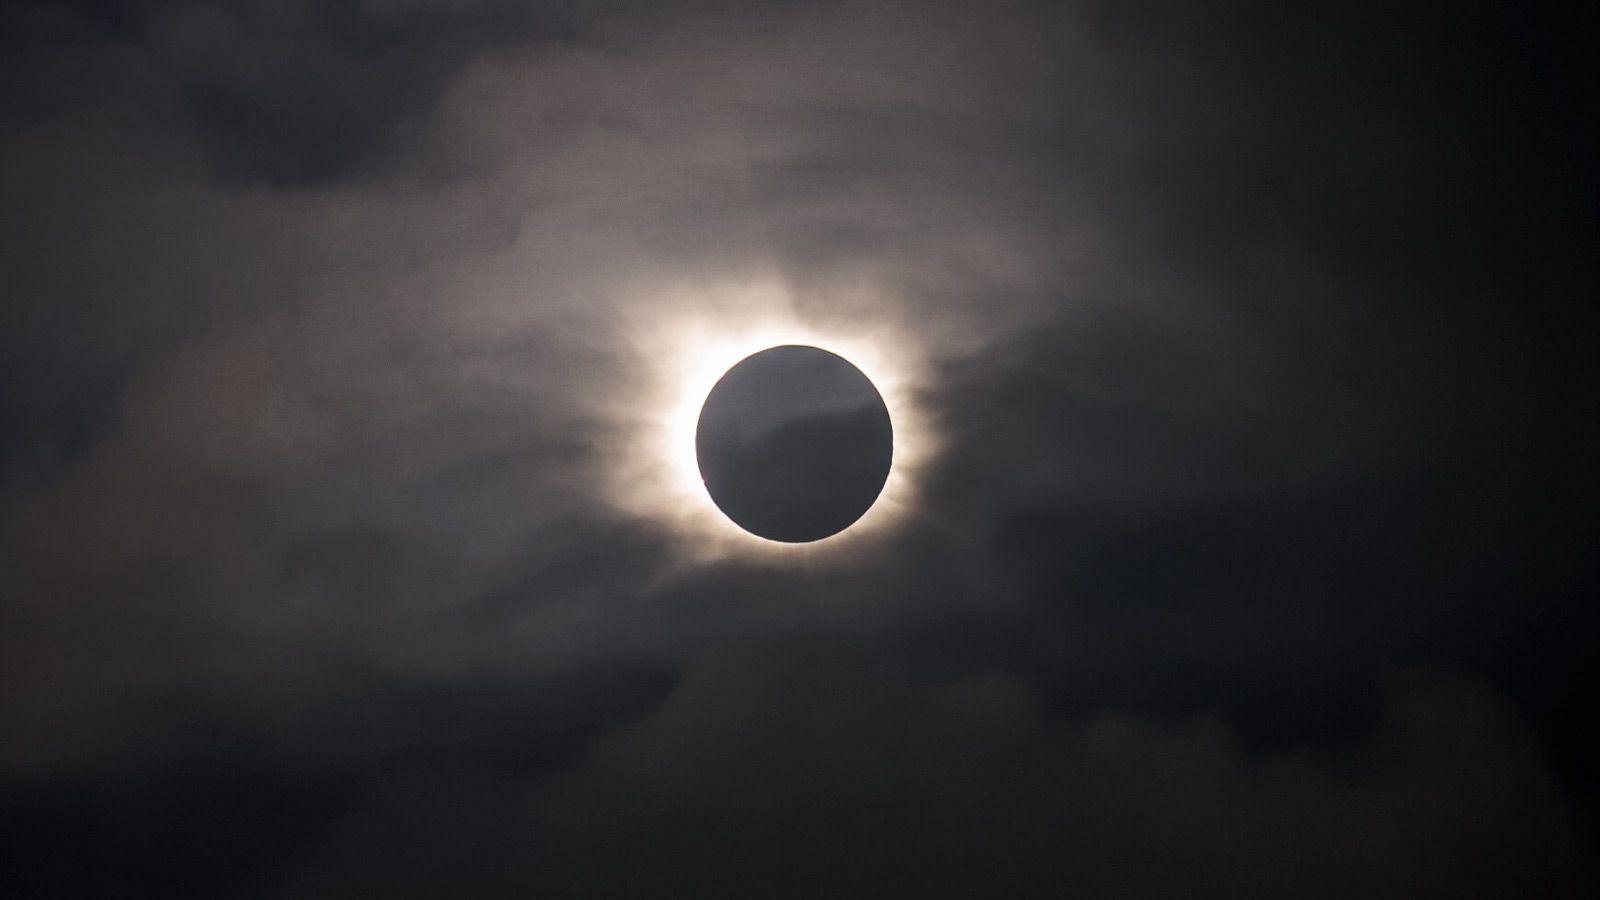 Faroe-Ambiance-Gear-Patrol-Eclipse-Tall